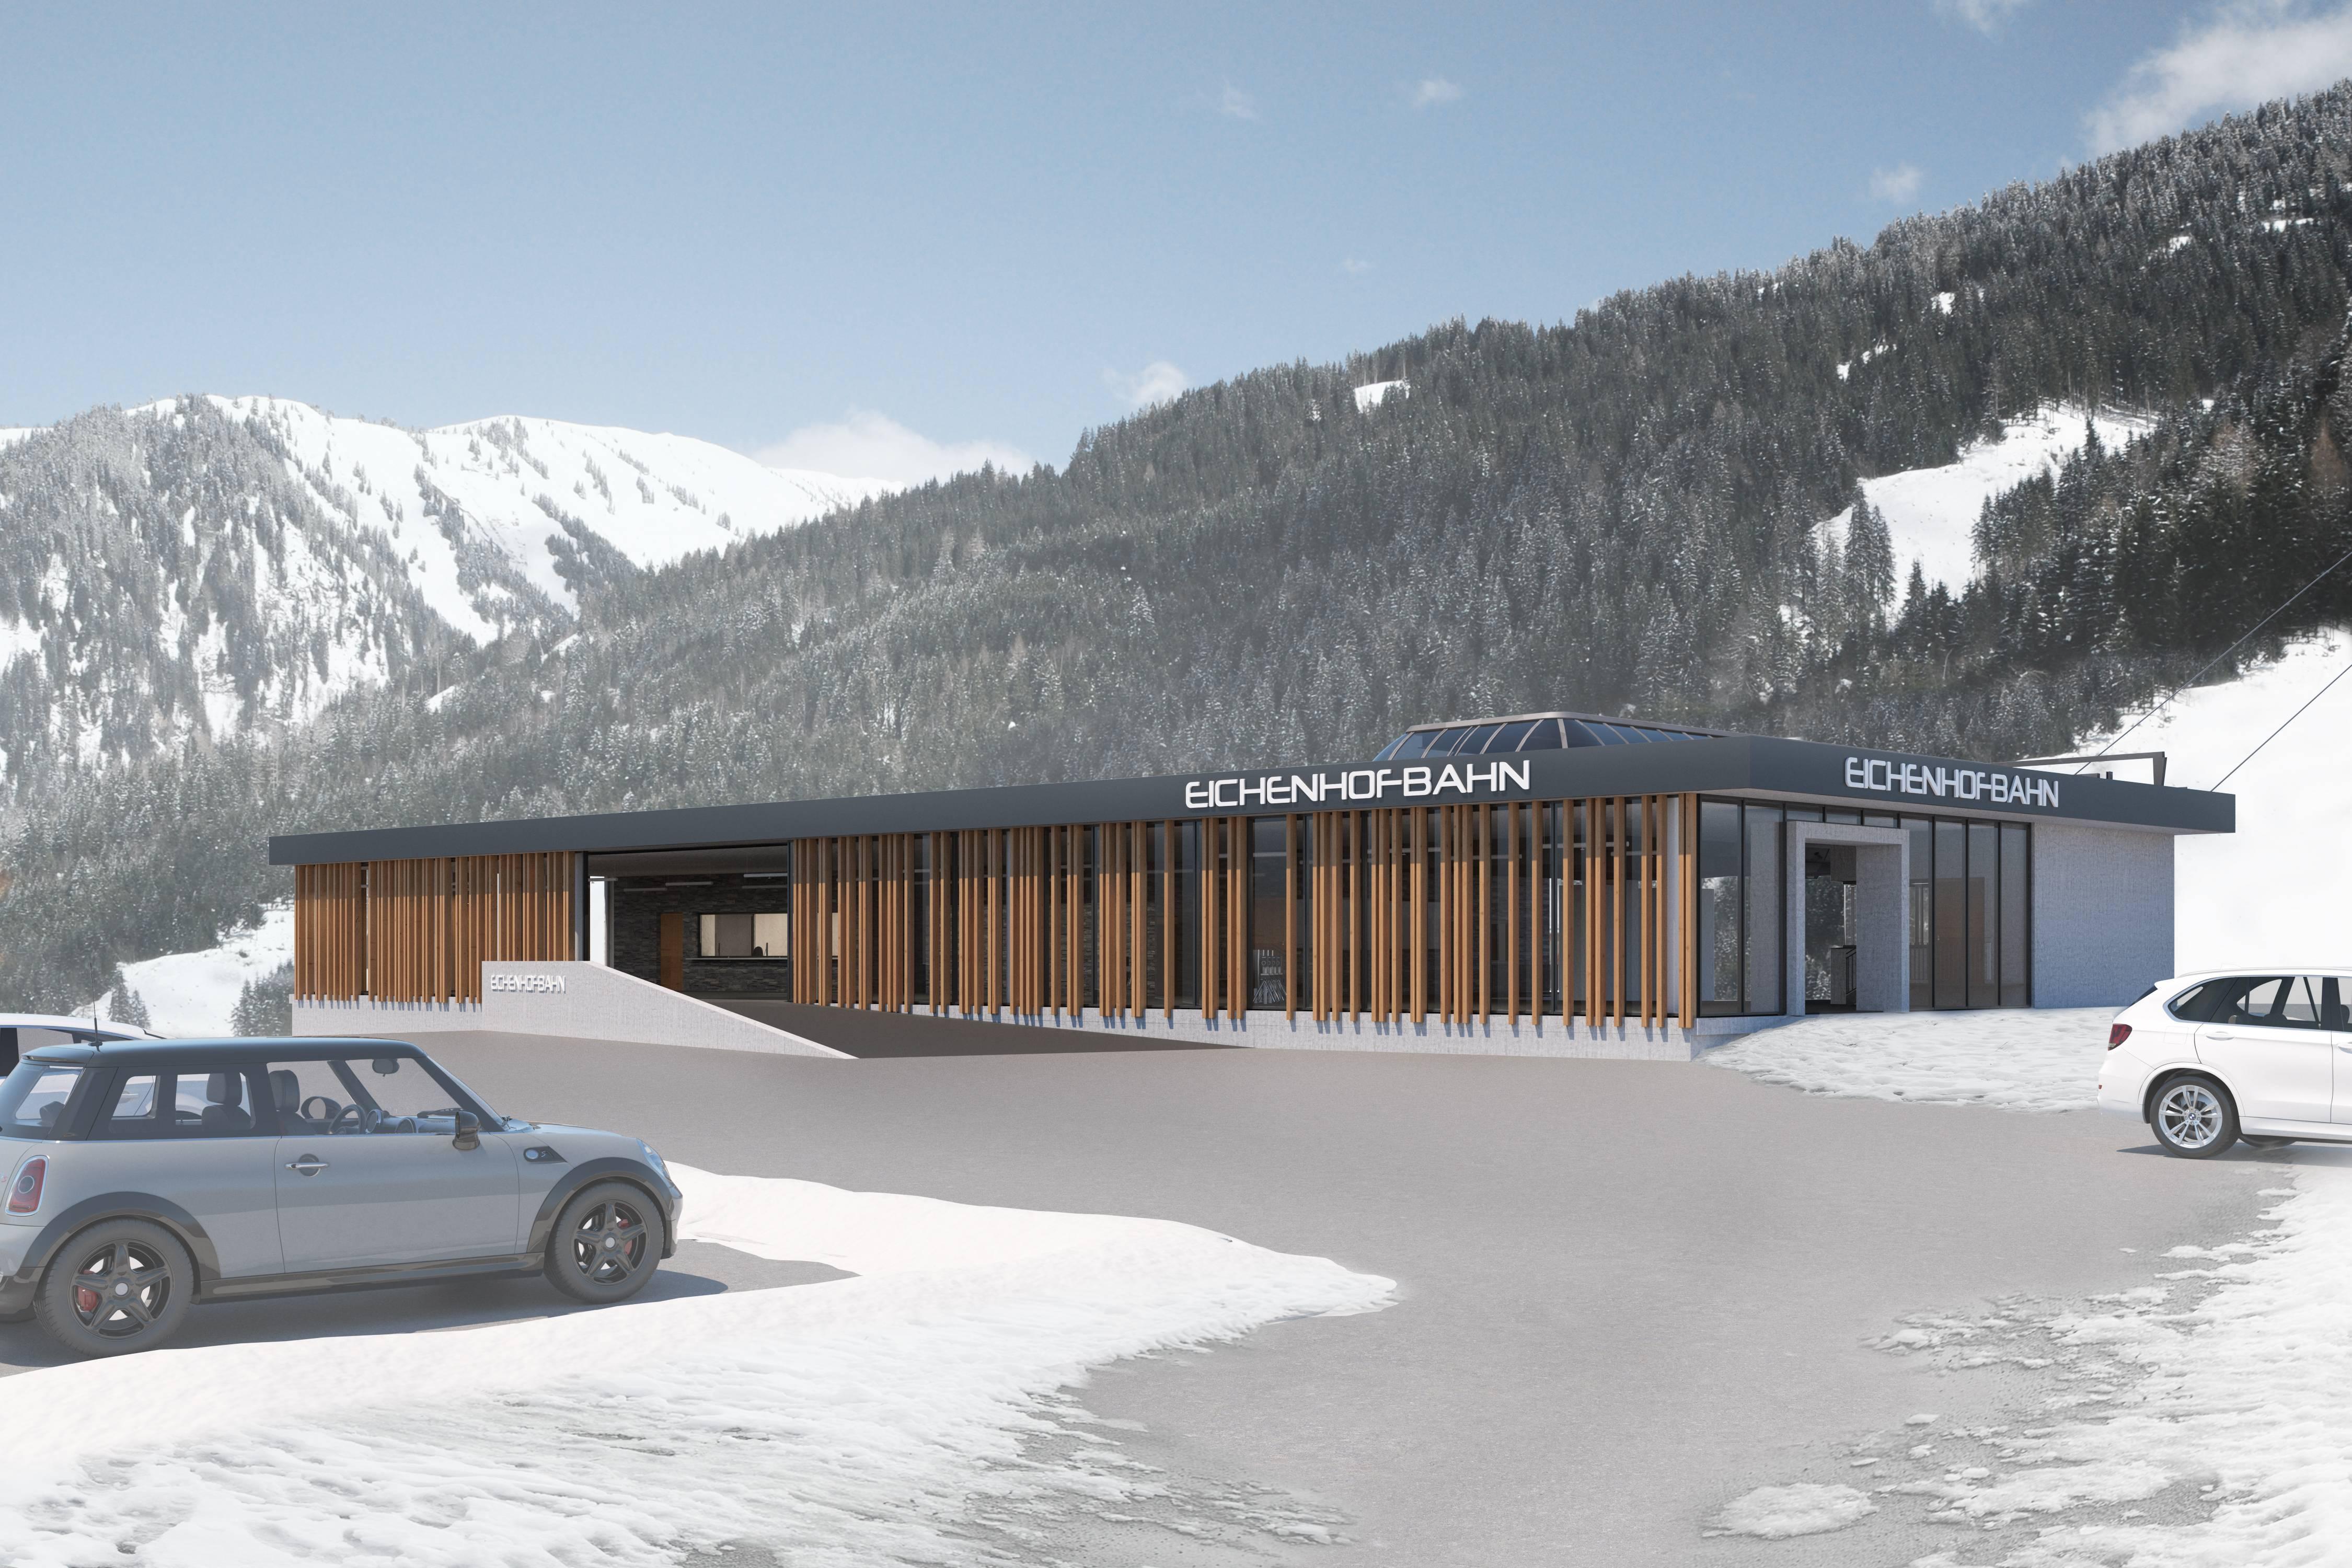 EIchenhof Talstation